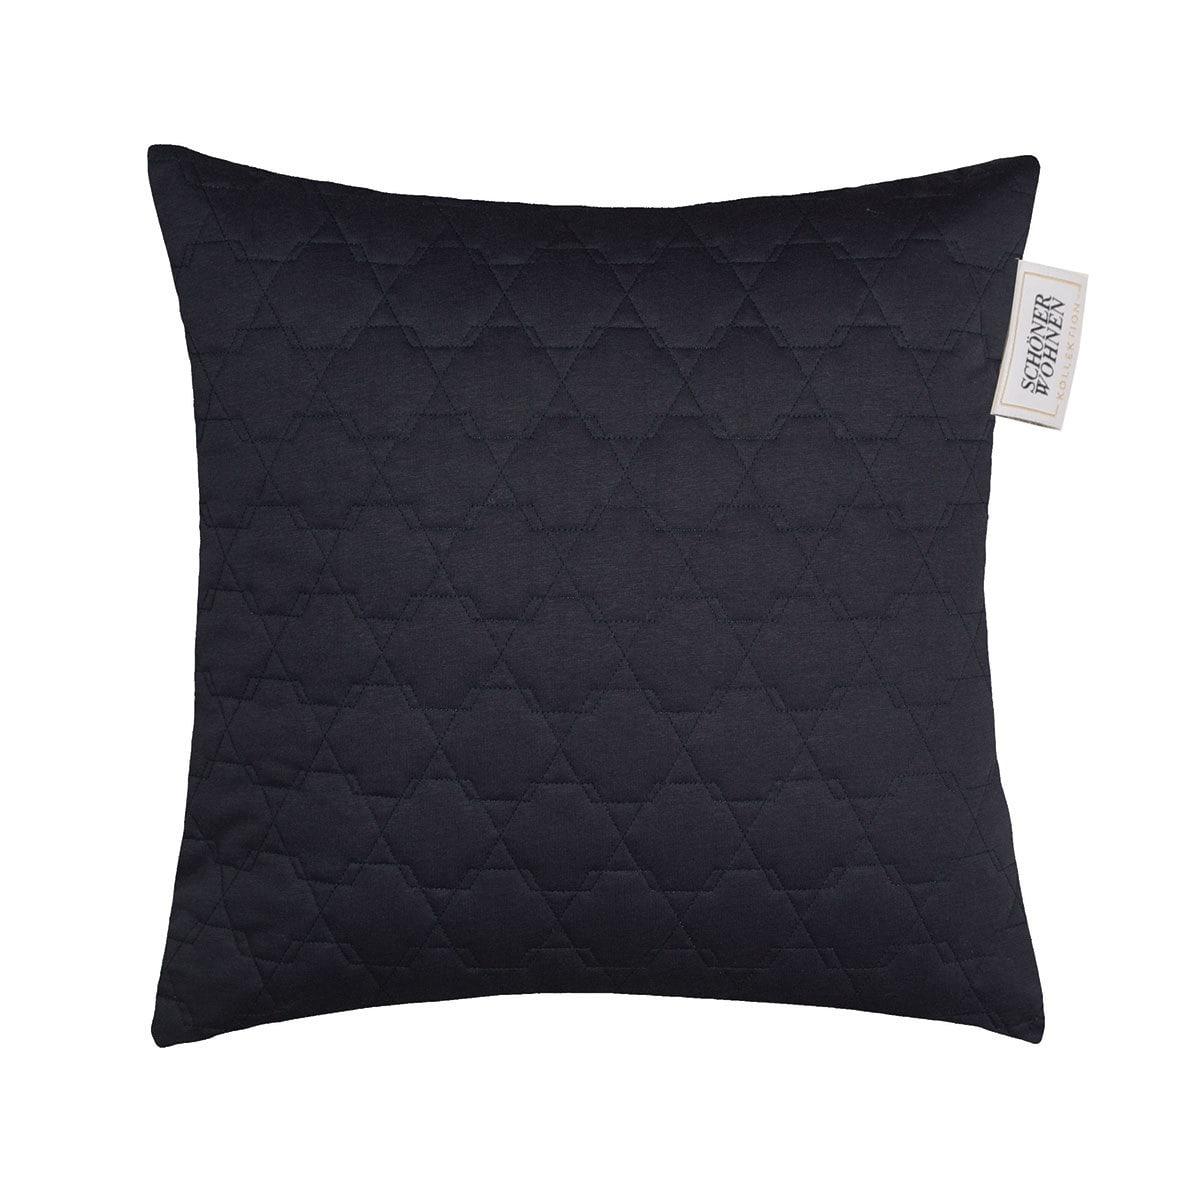 sch ner wohnen kissenh lle quilt g nstig online kaufen bei. Black Bedroom Furniture Sets. Home Design Ideas